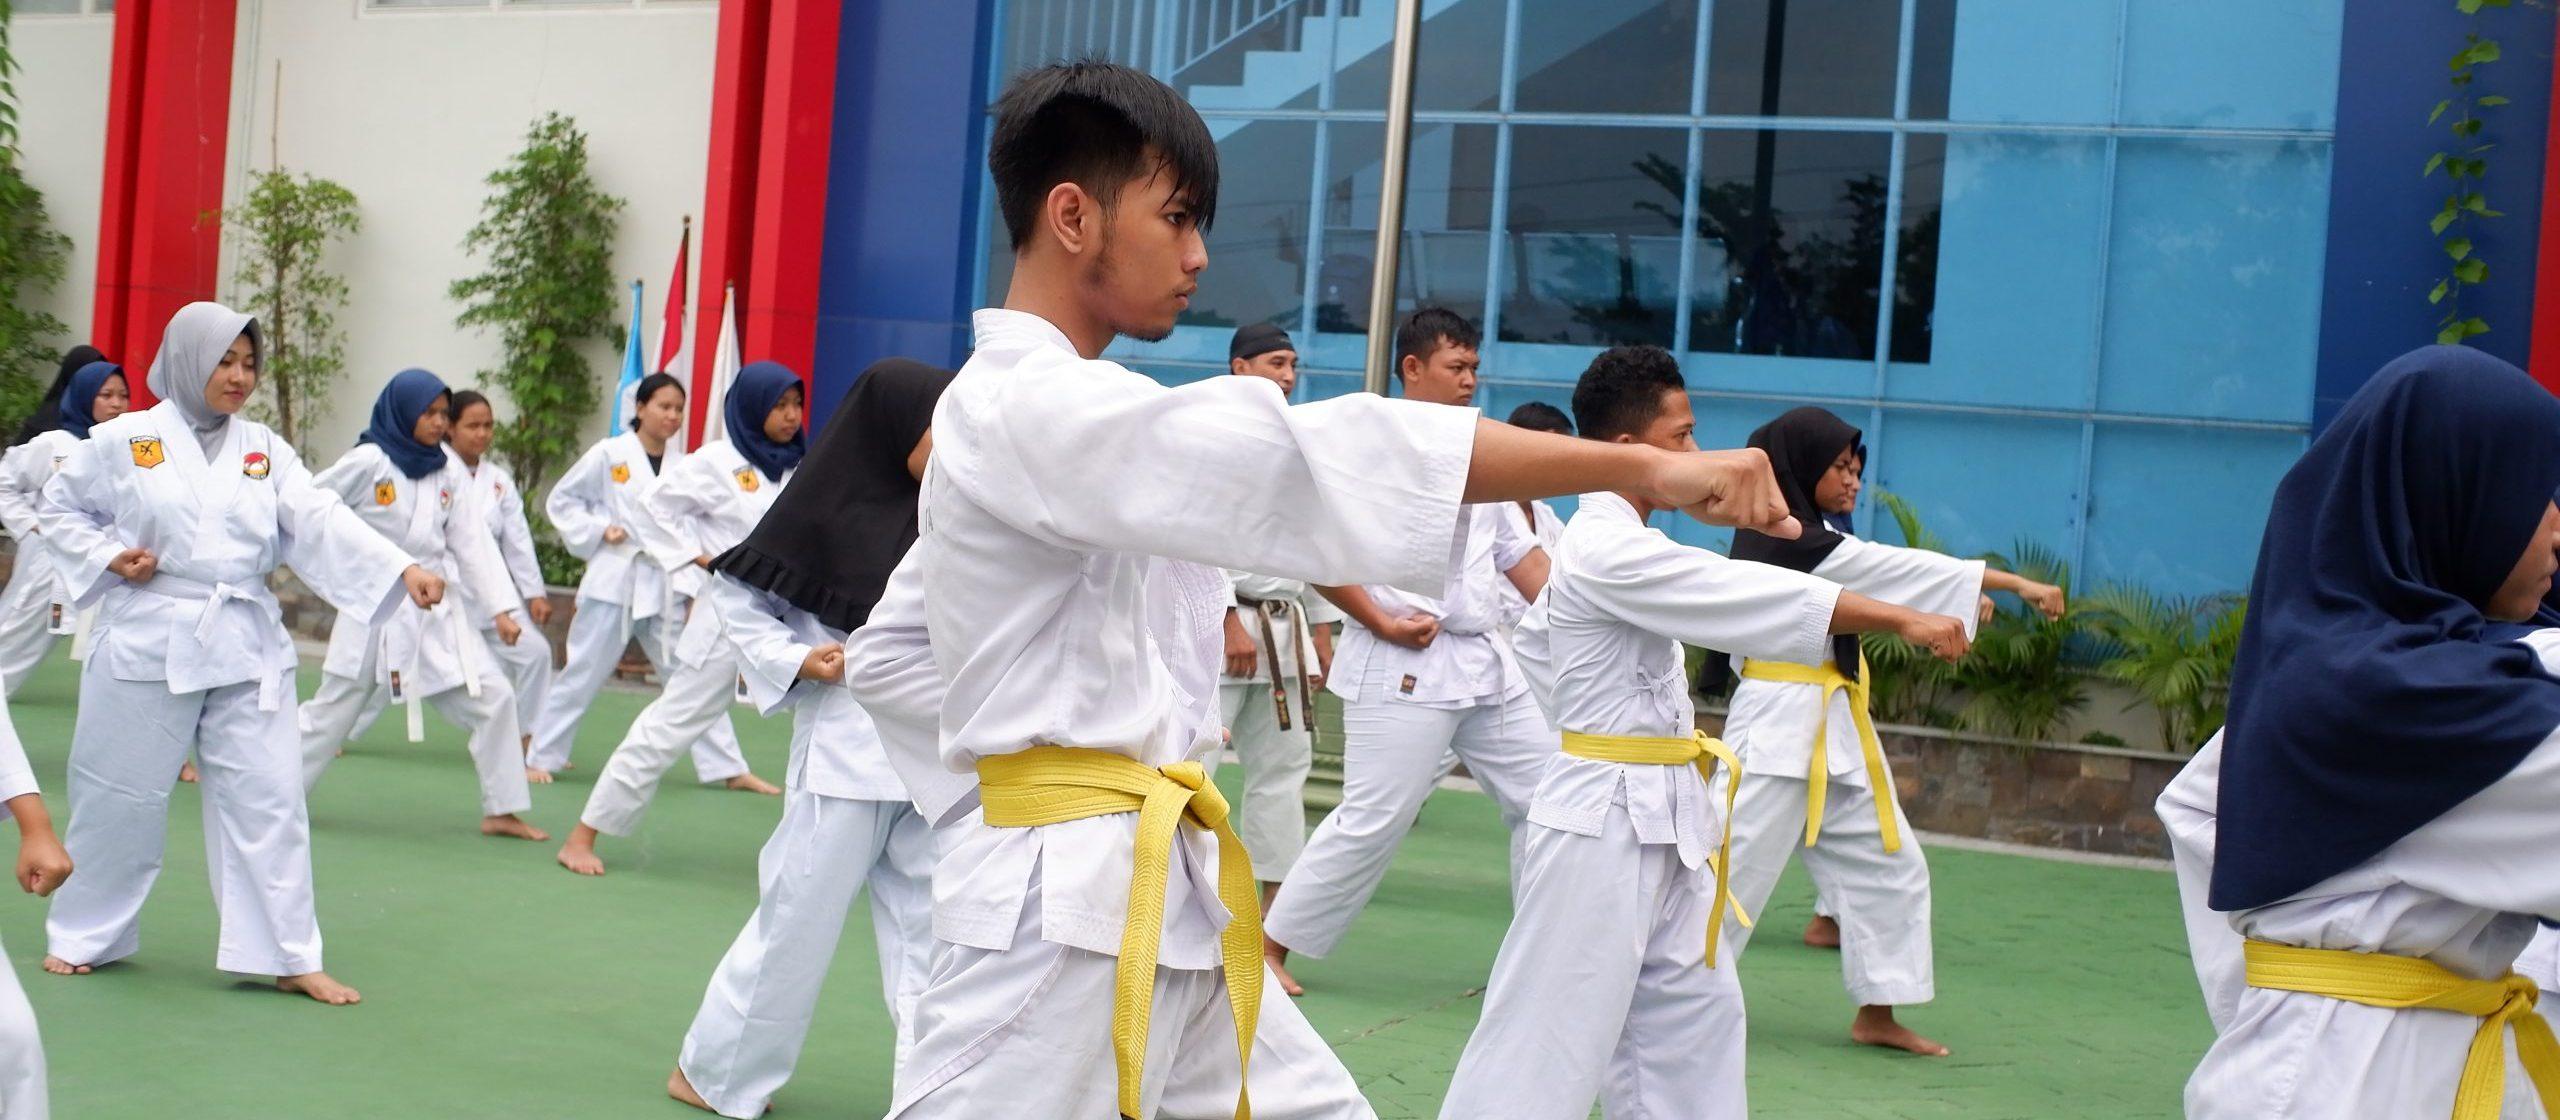 karateka akbara